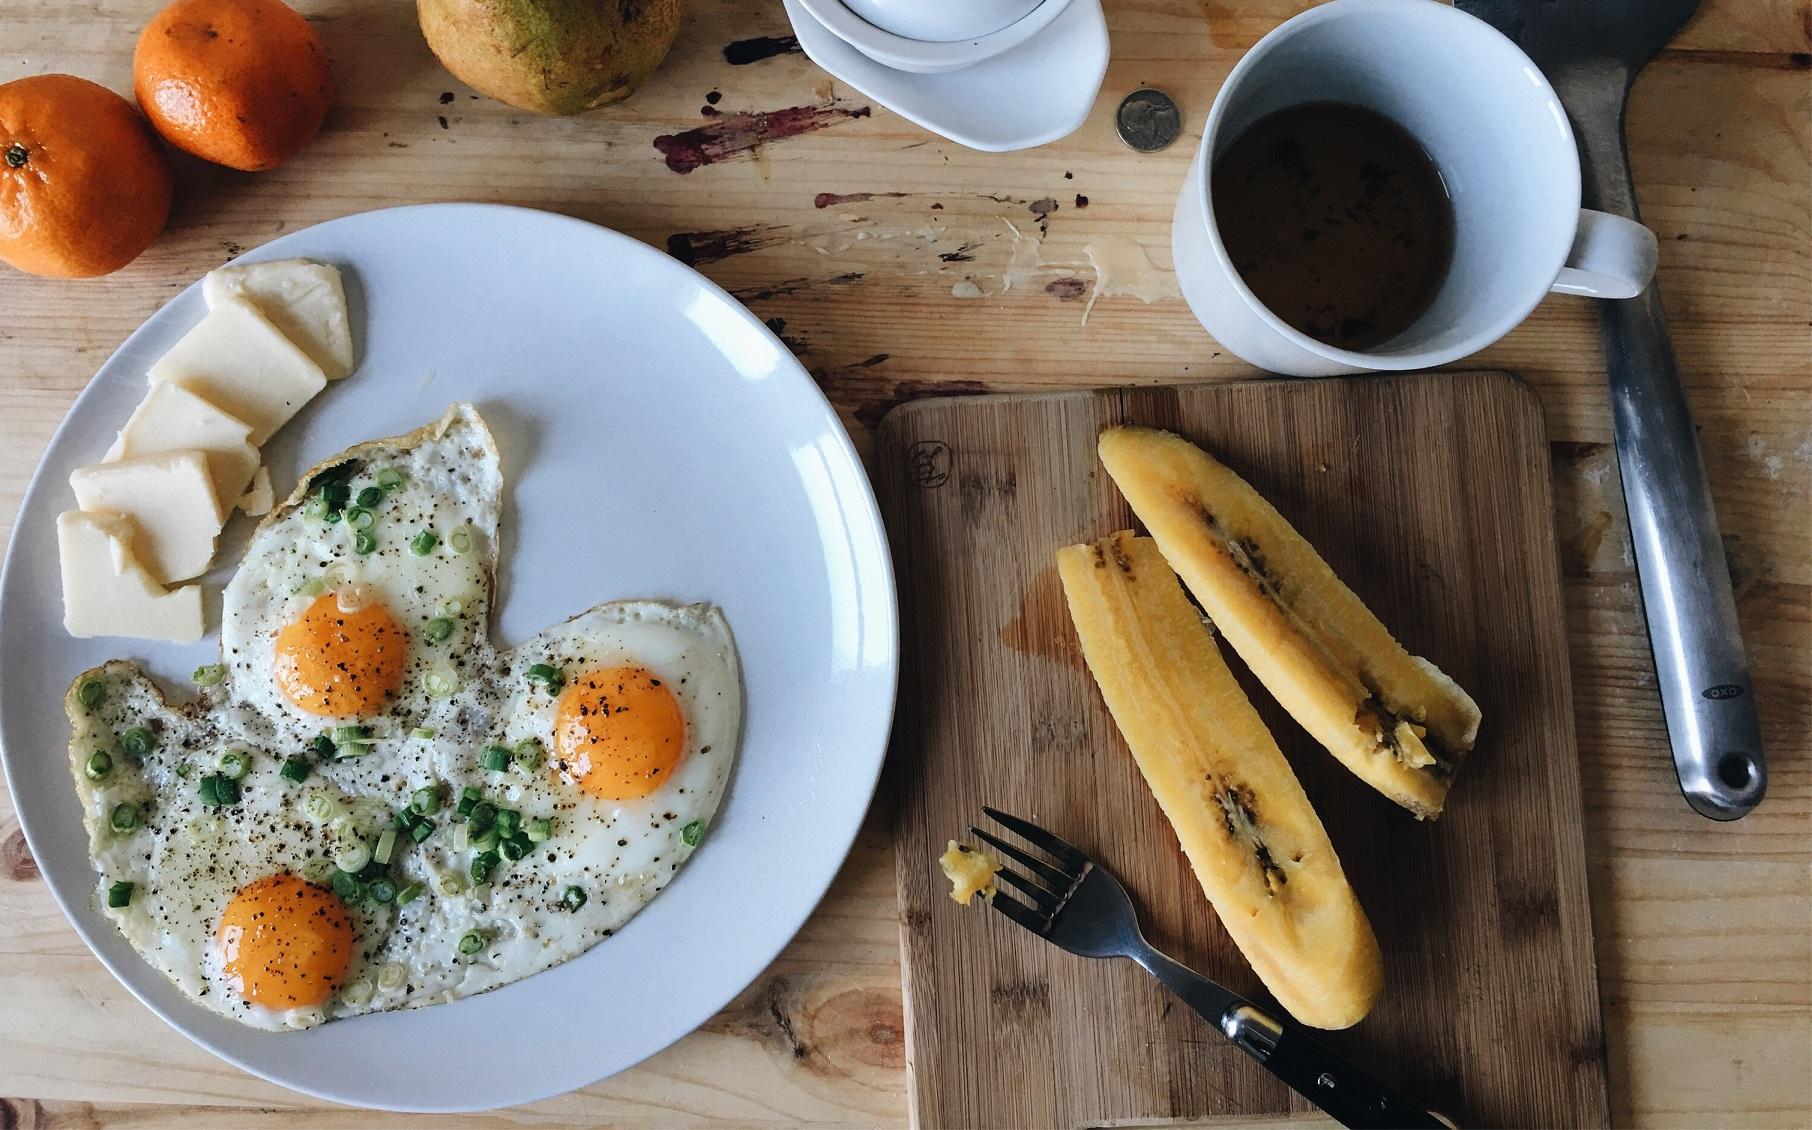 朝ラン後の朝食、なに食べればいい?パン派・ごはん派におすすめの ...